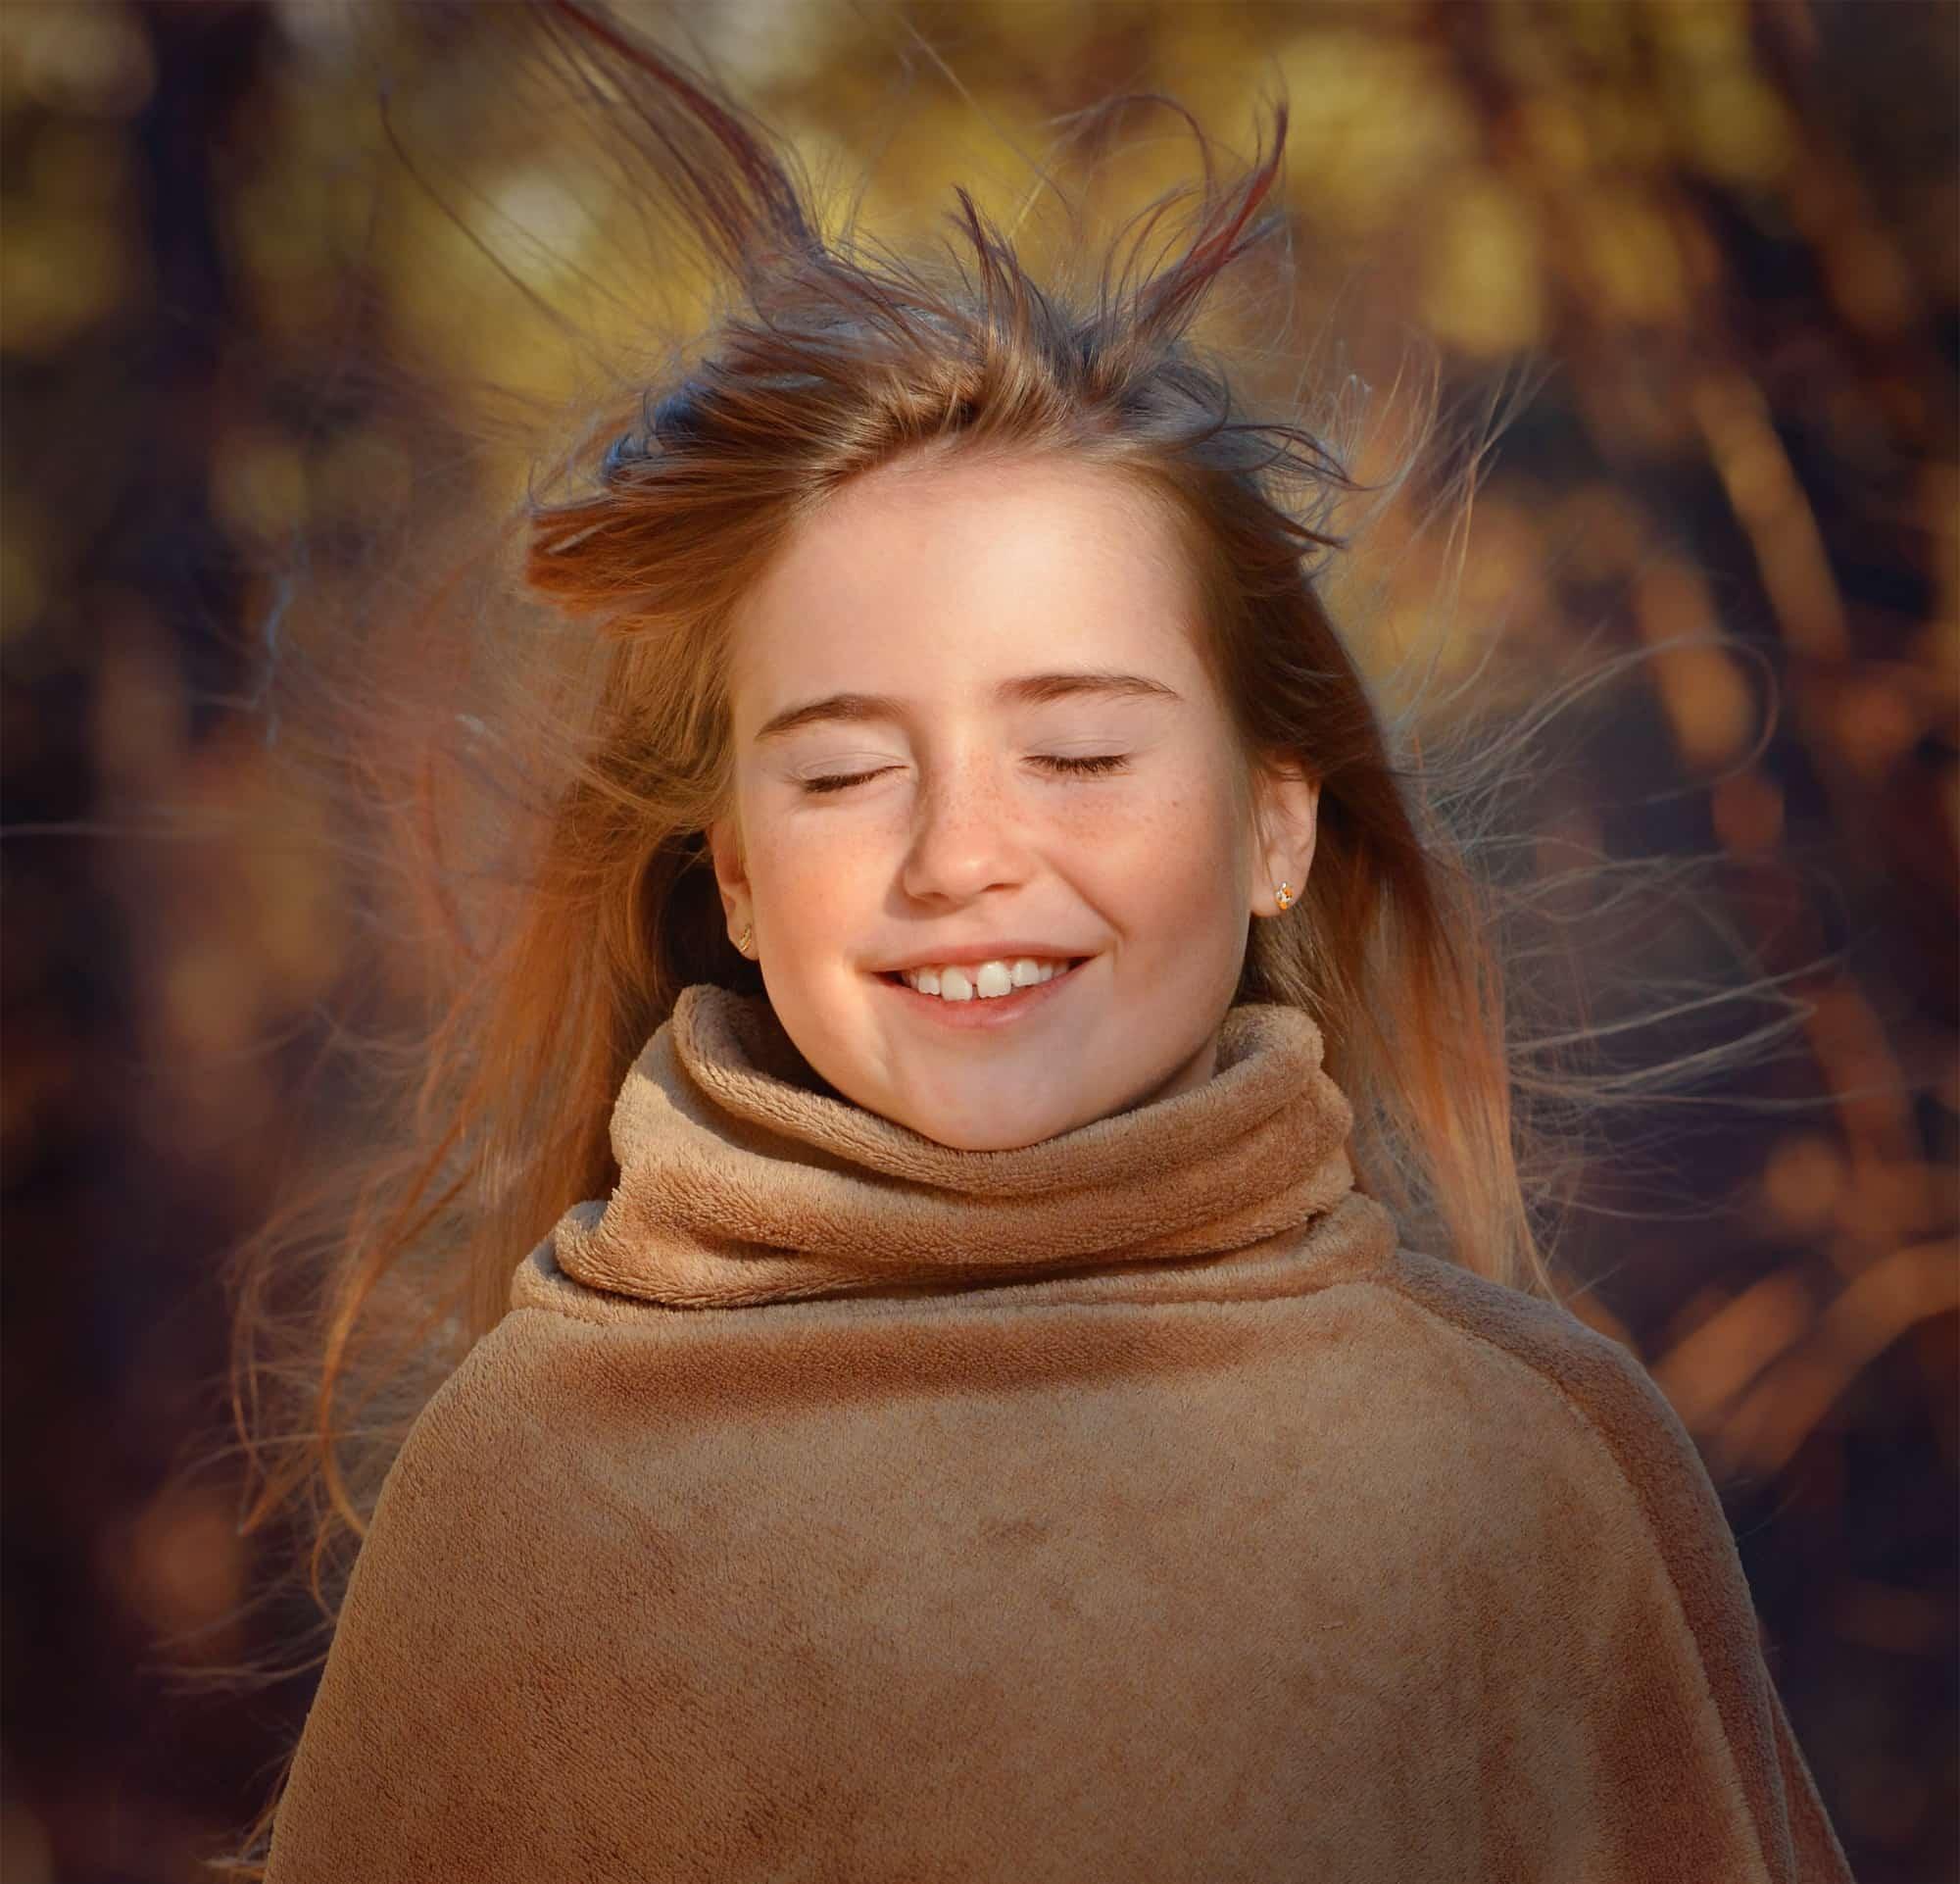 風を感じている笑顔の女の子